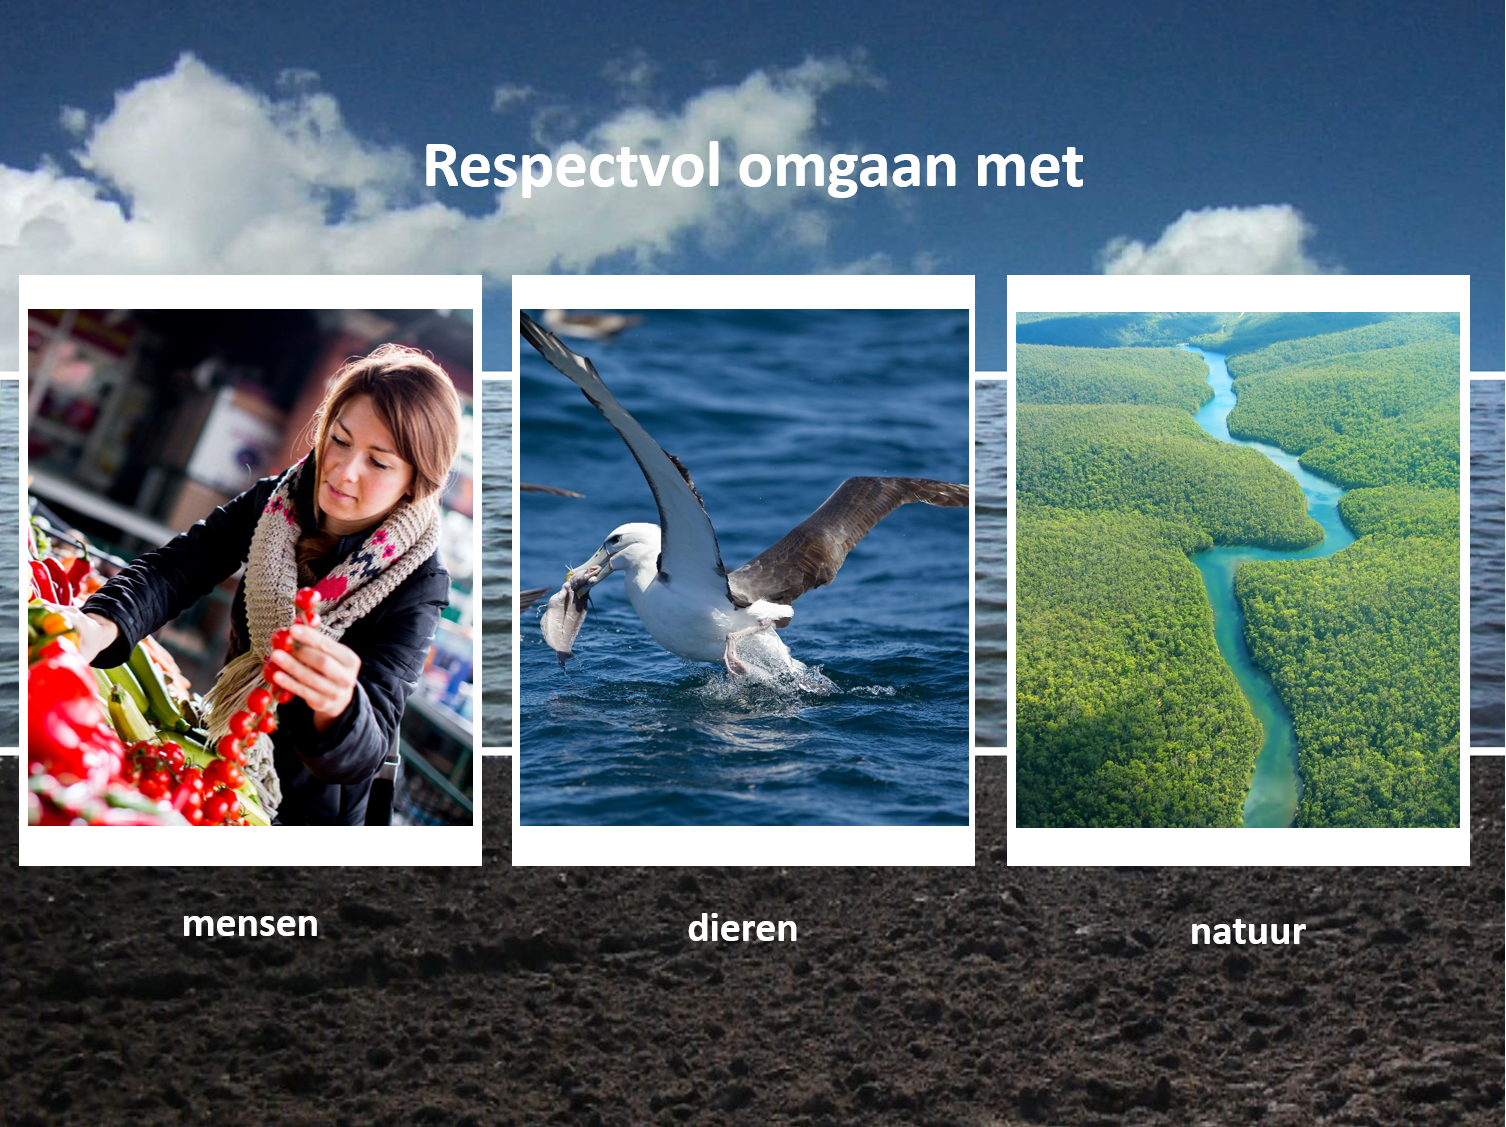 sheet Respectvol omgaan met mensen, dieren en natuur